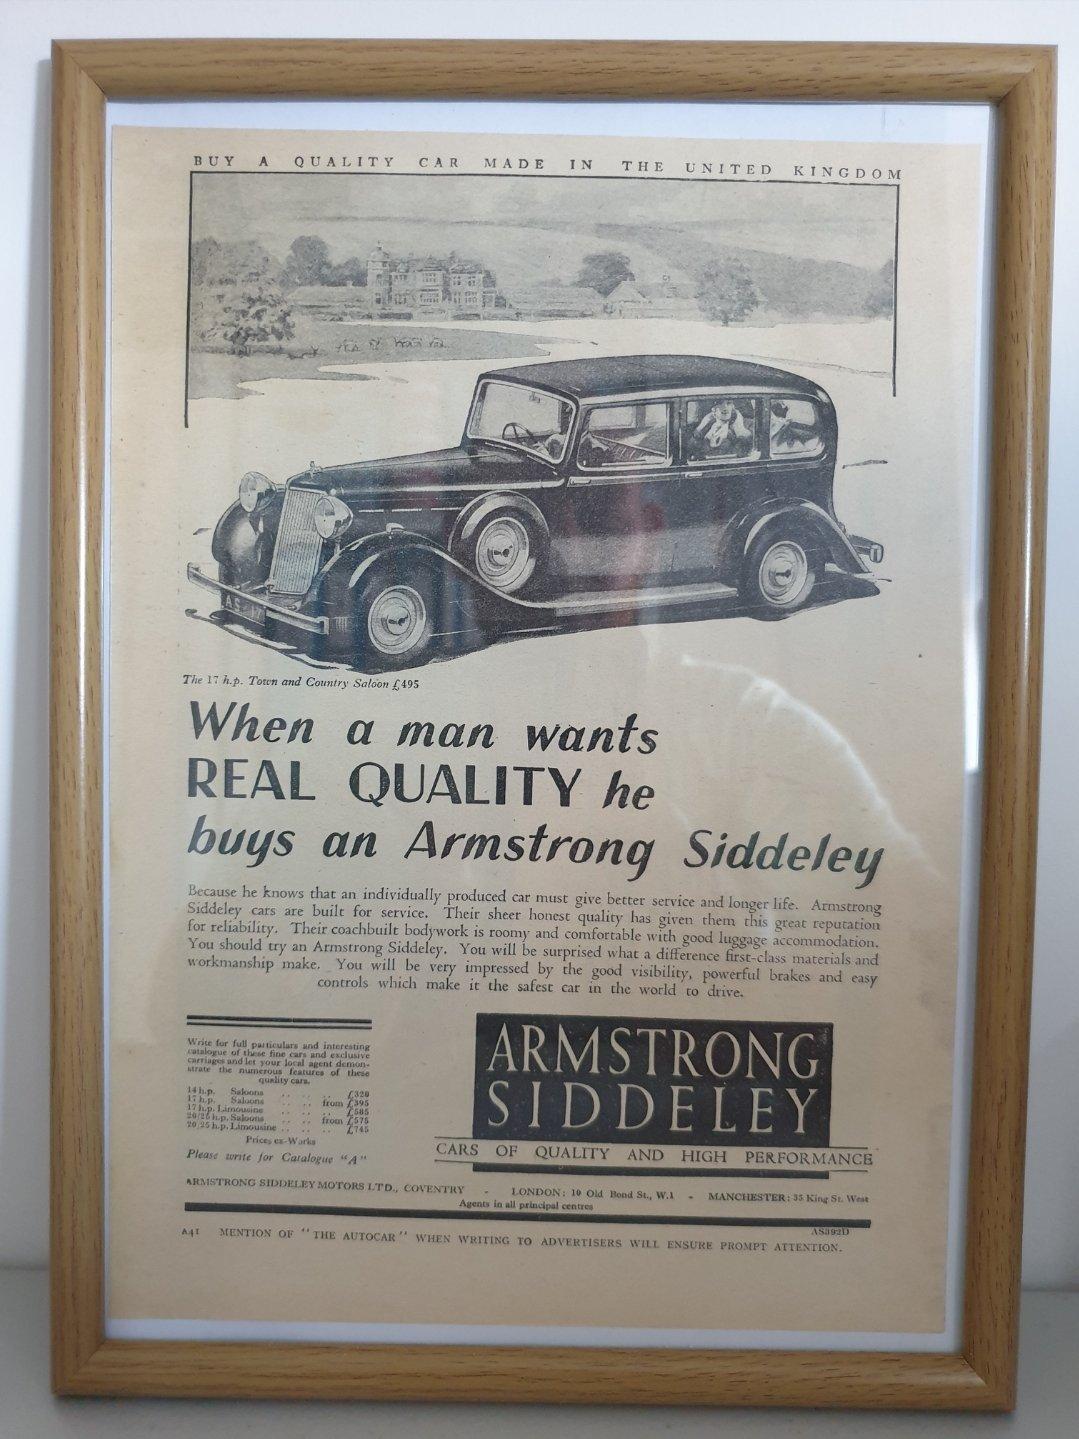 Original 1937 Armstrong-Siddeley Framed Advert